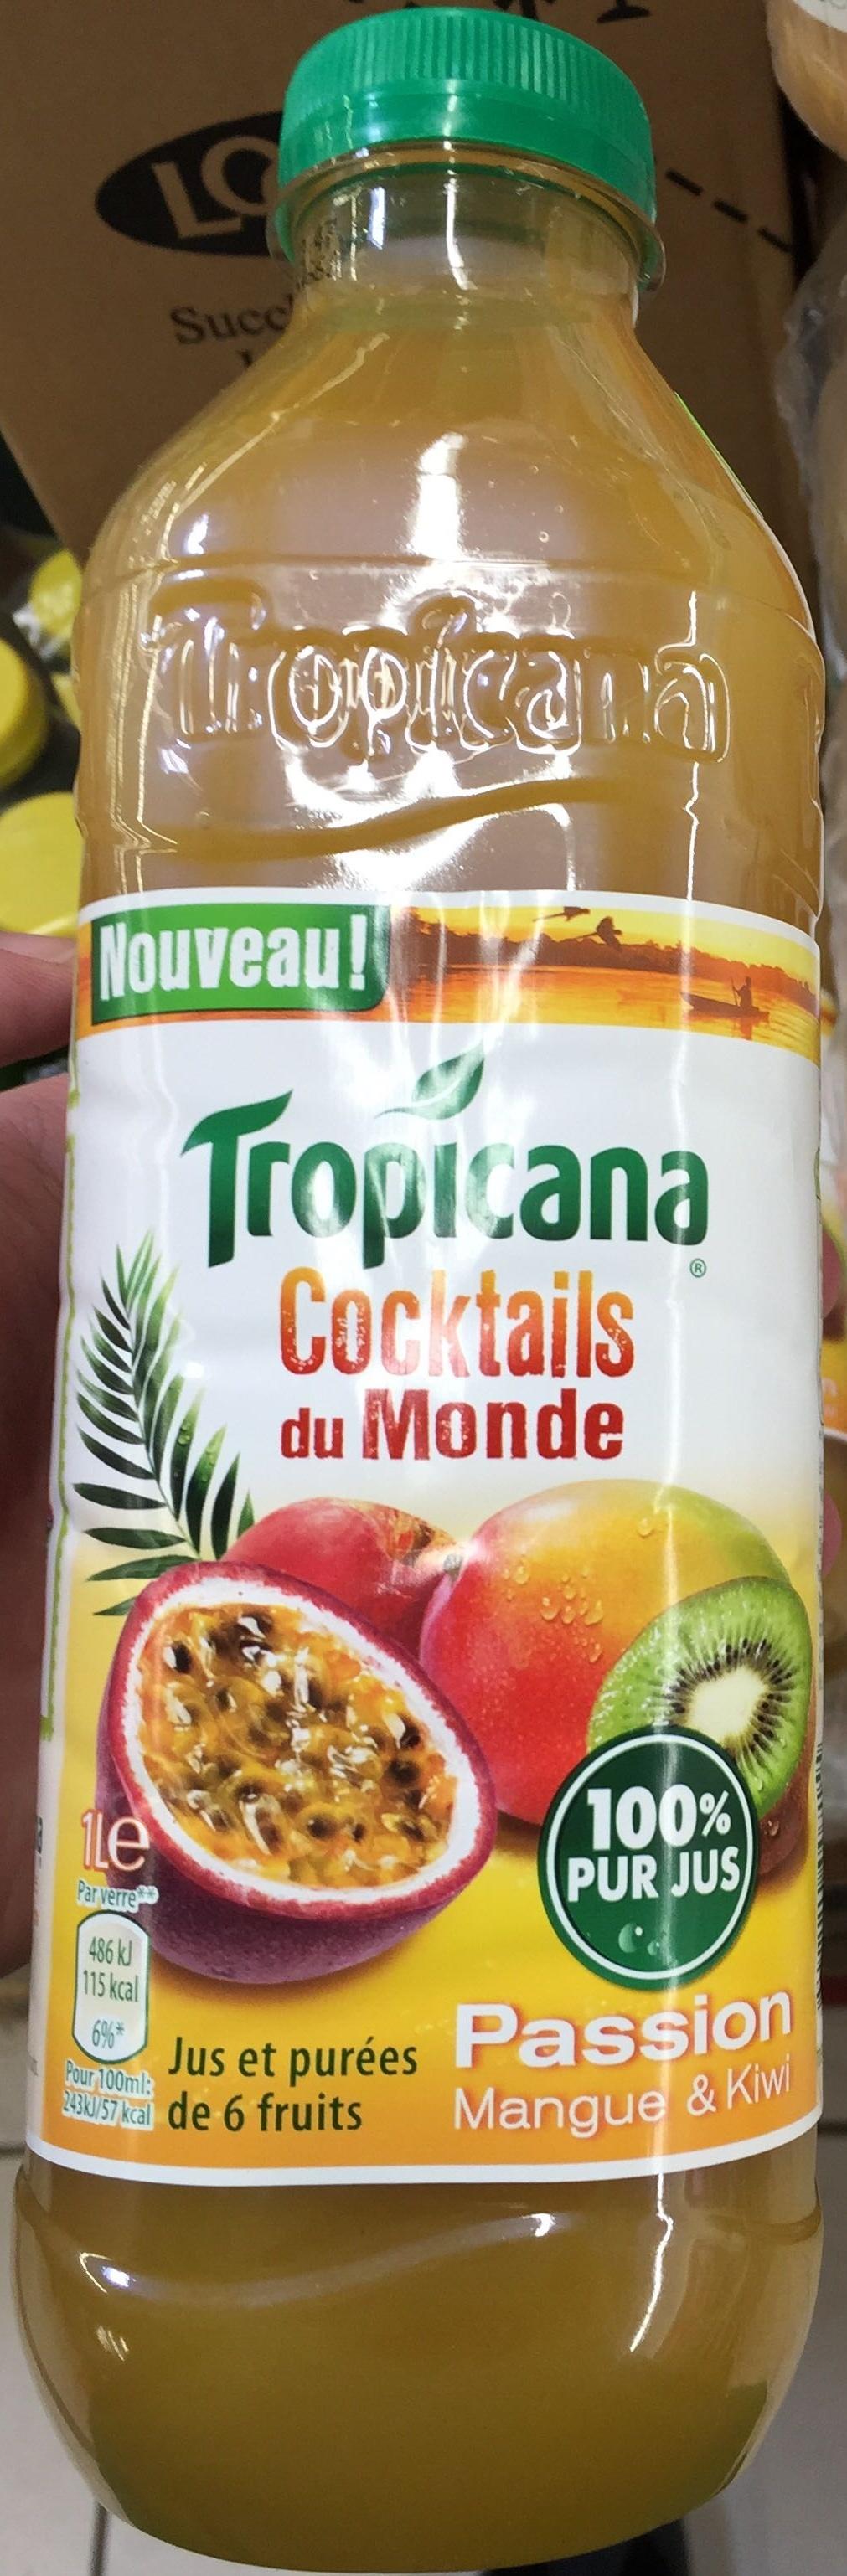 Cocktails du Monde Passion Mangue & Kiwi - Product - fr